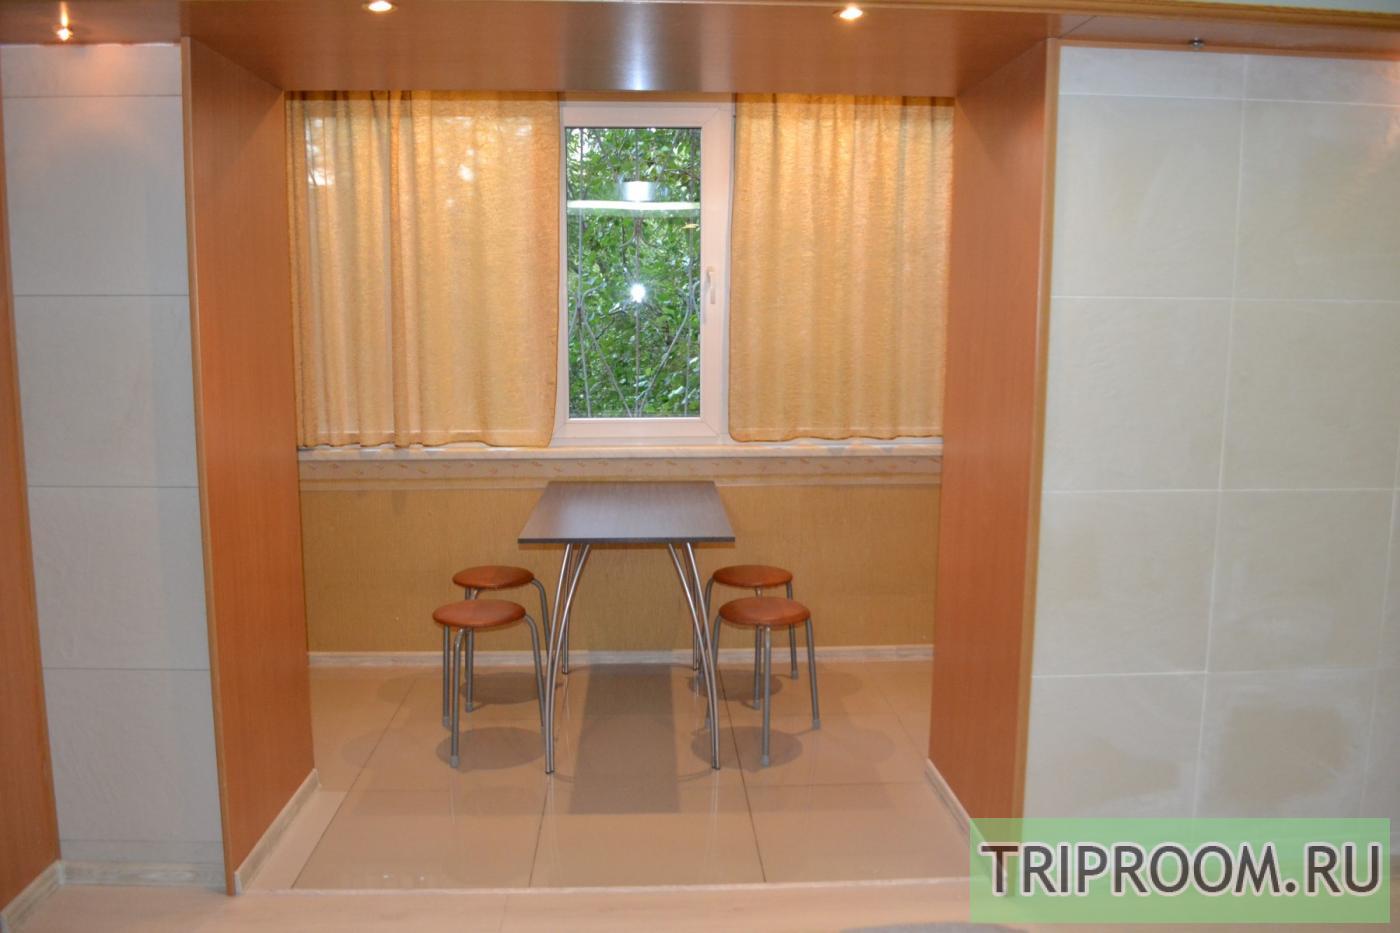 3-комнатная квартира посуточно (вариант № 5725), ул. Тимирязева улица, фото № 5